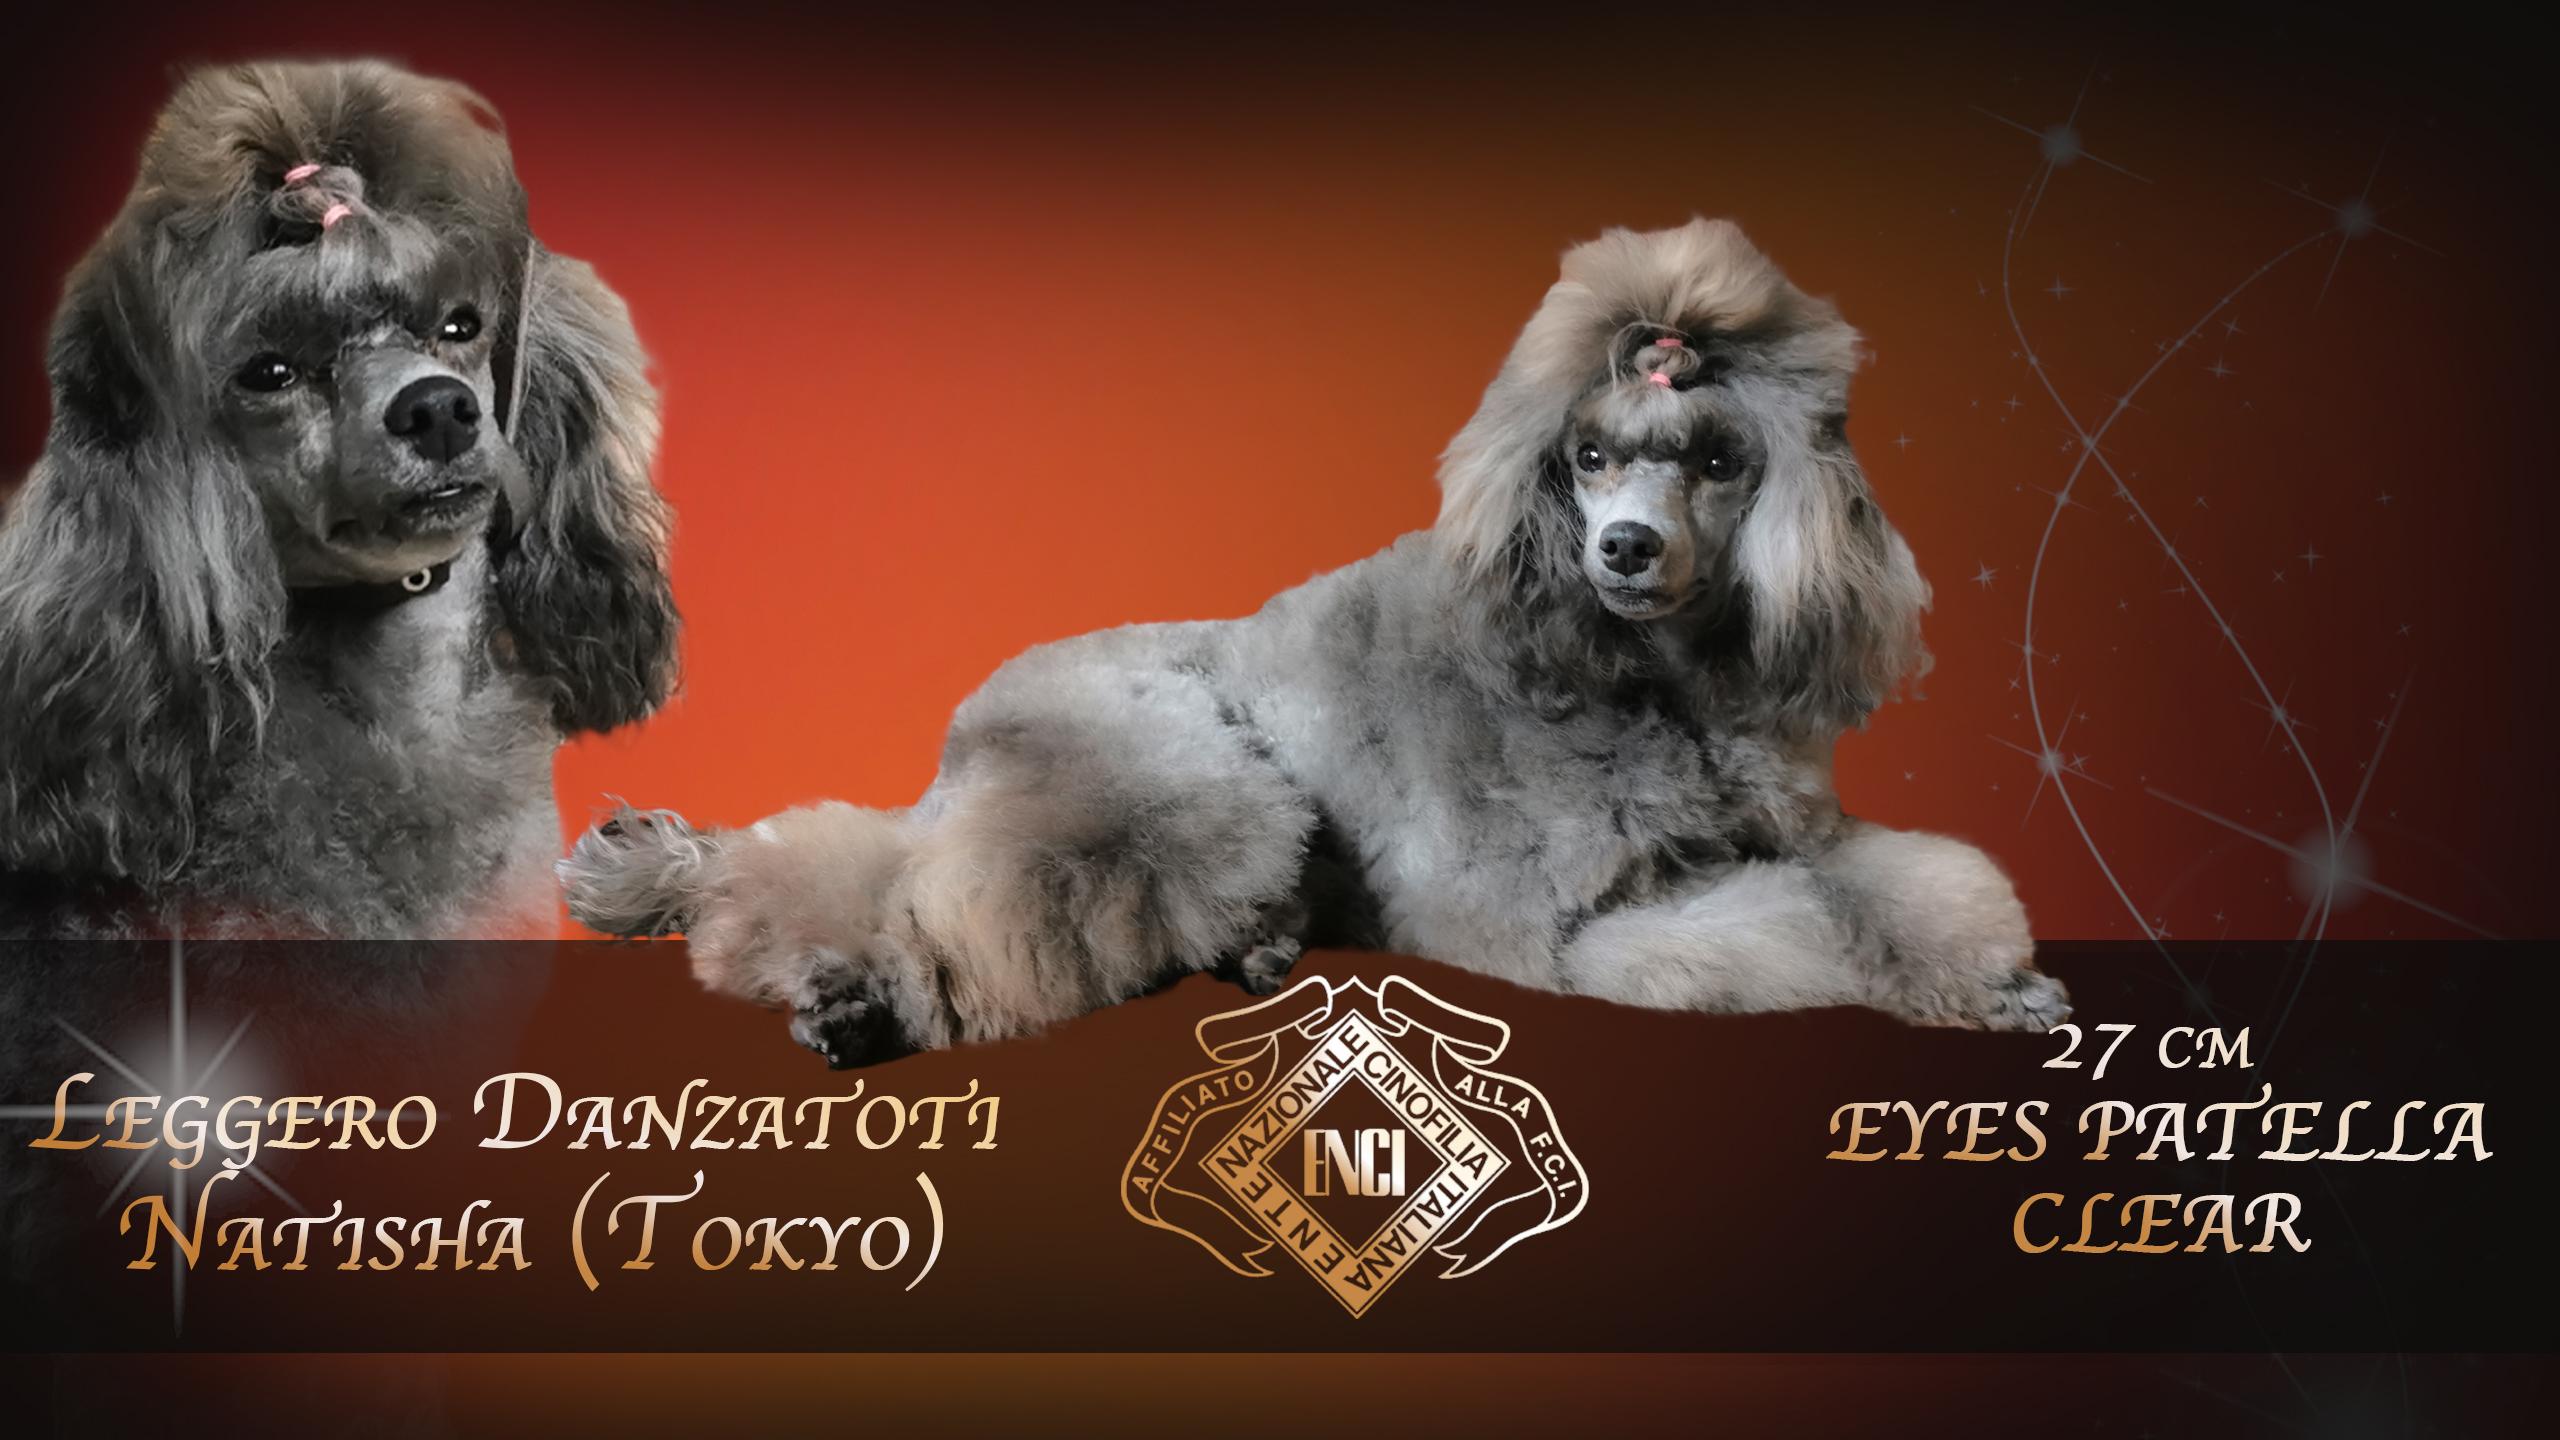 Leggero Danzatori  (Toko) TOY 27cm ***ENTRA***